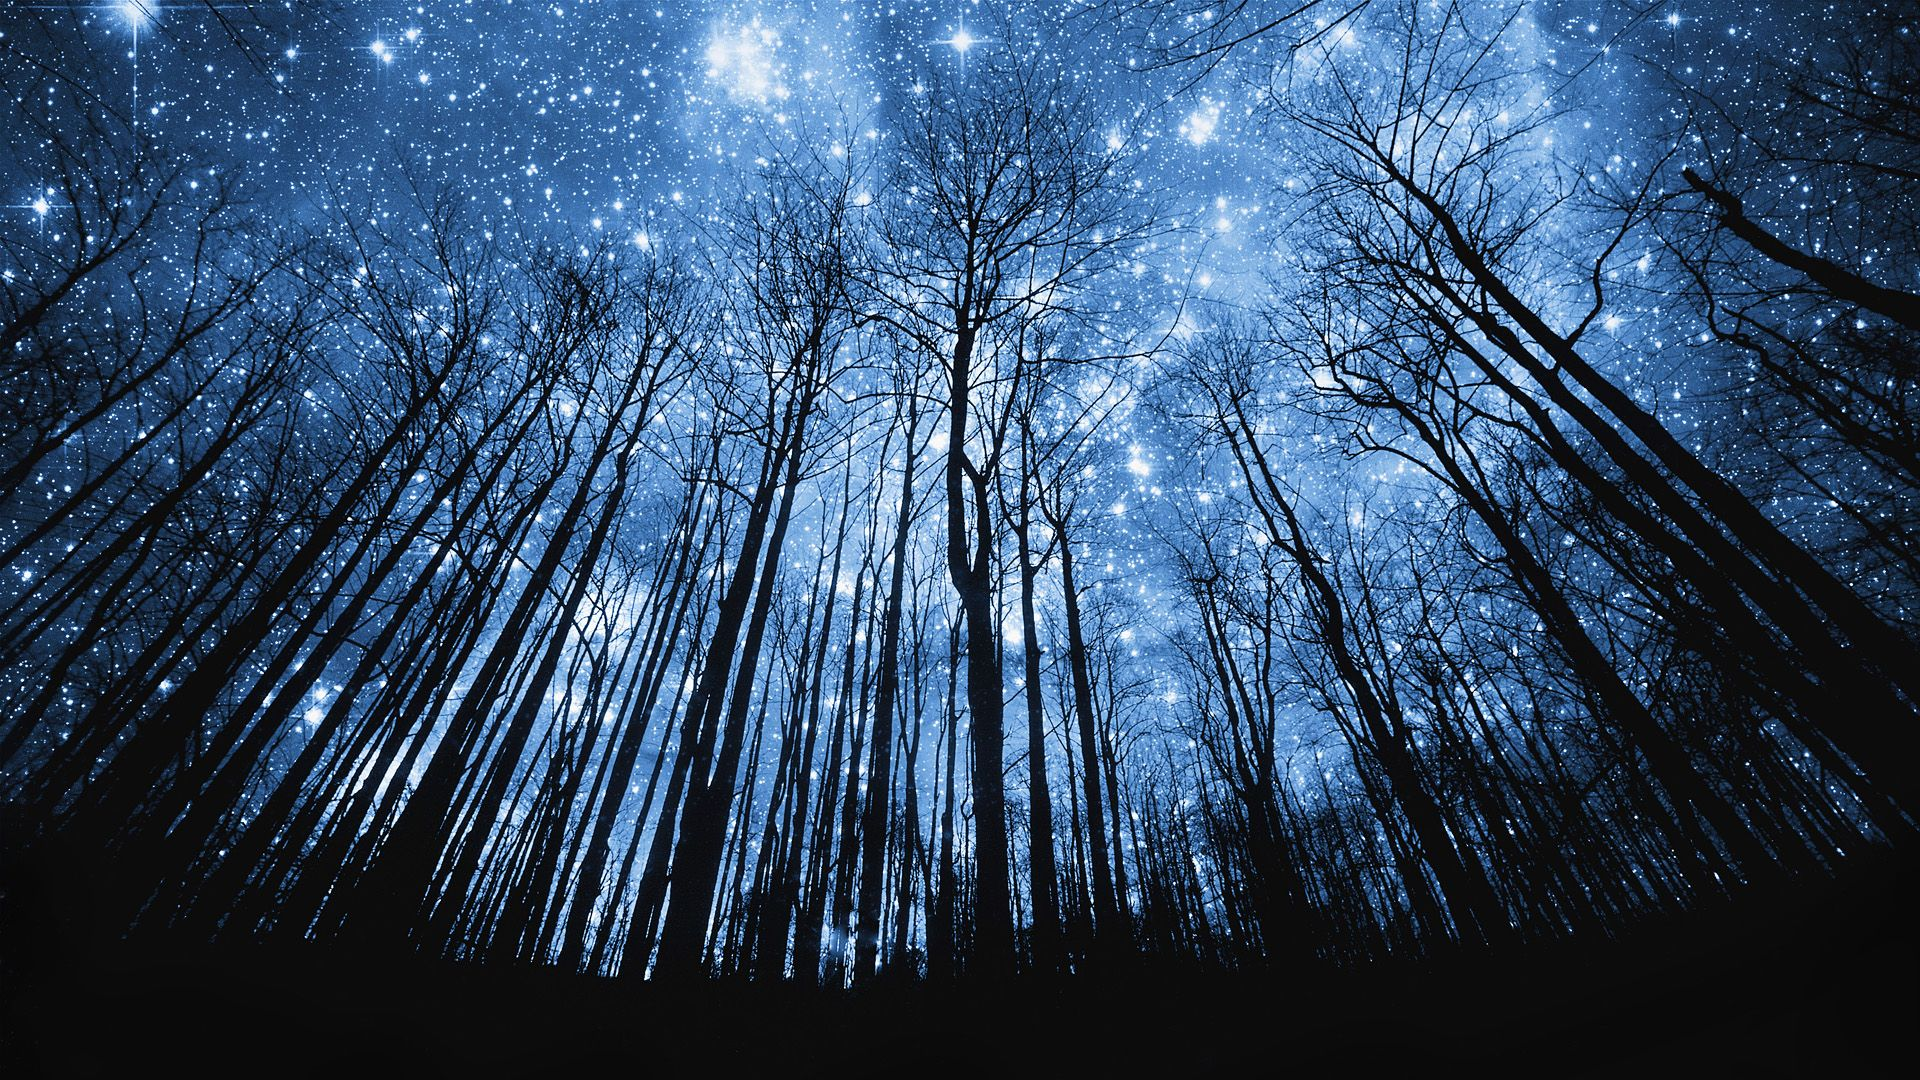 Attractive Night Sky Wallpaper For Desktop Background